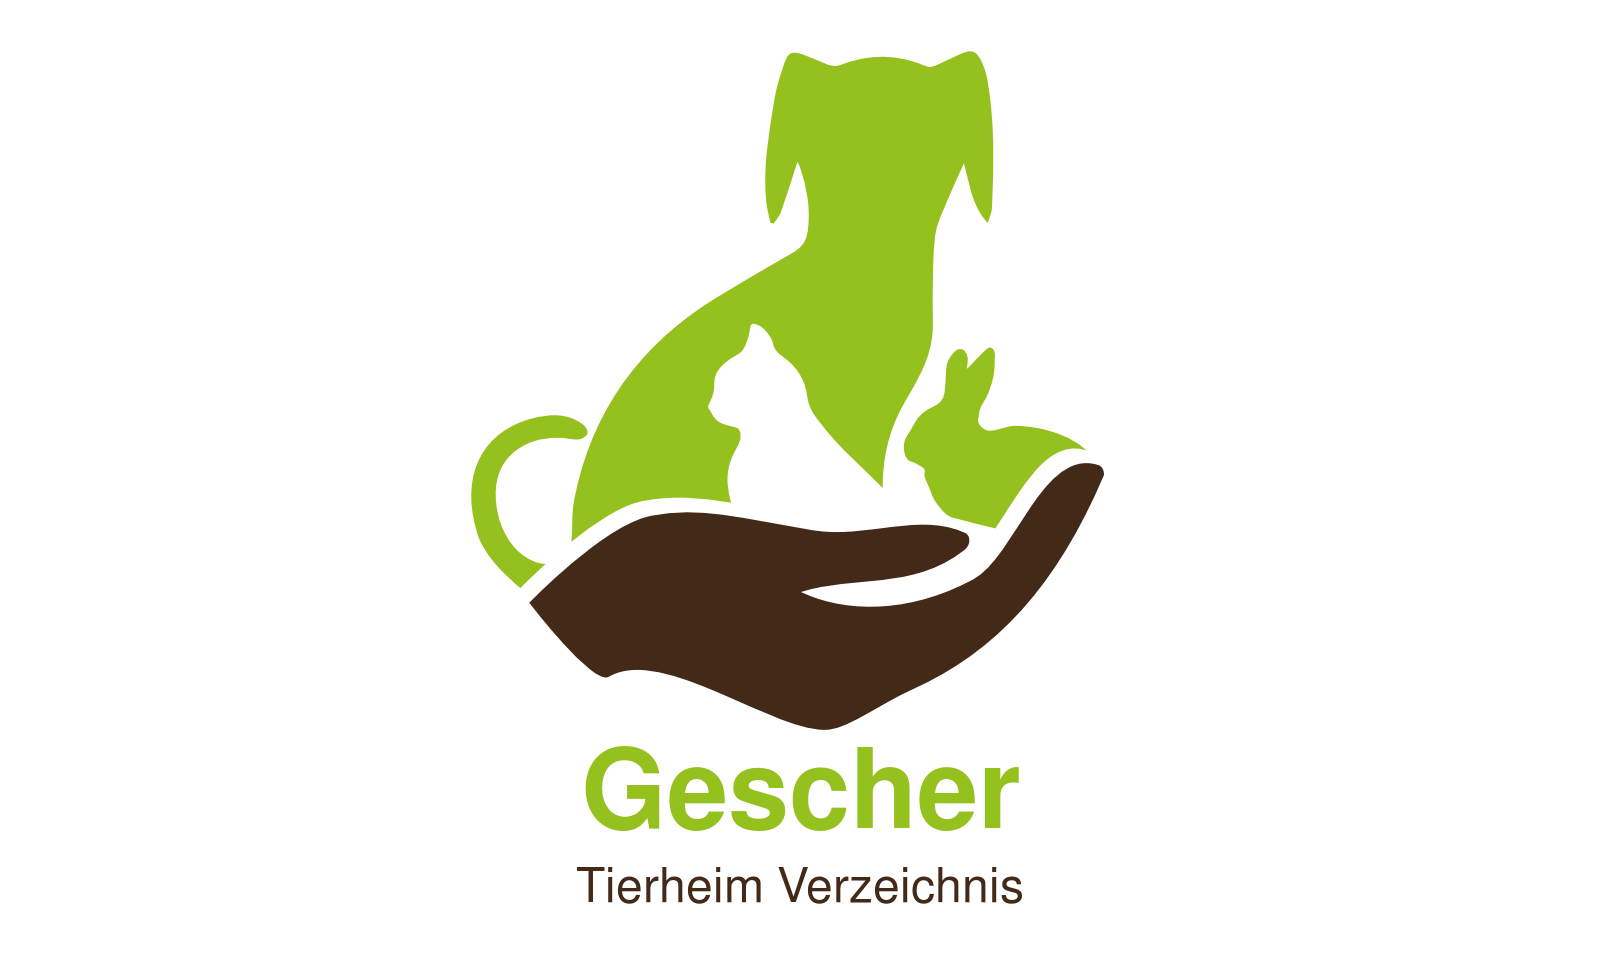 Tierheim Gescher